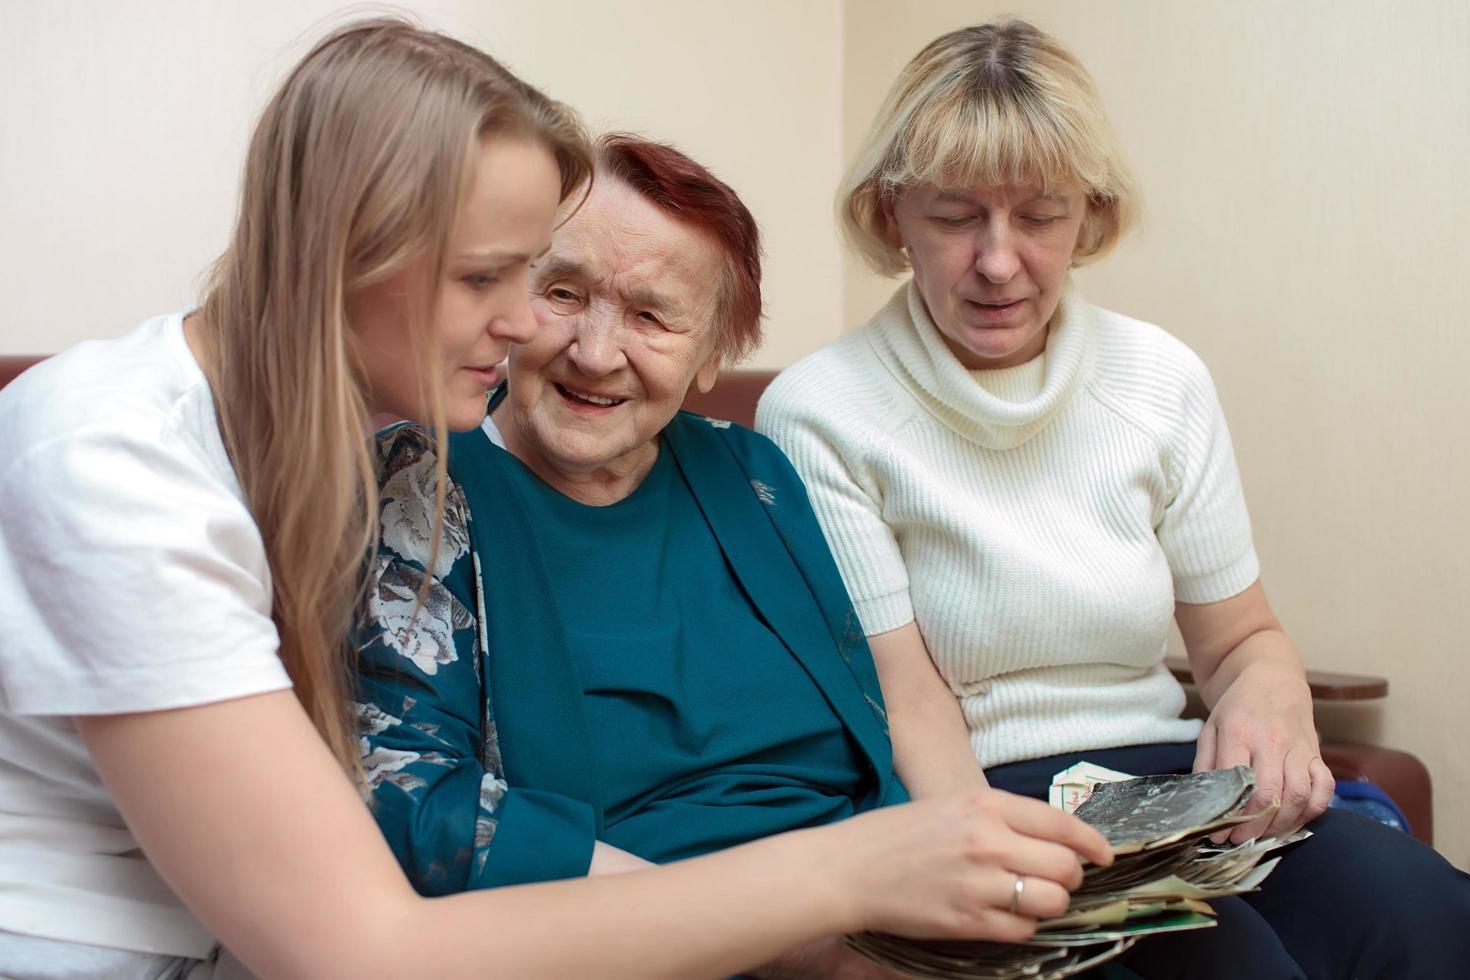 nonna, madre e figlia foto